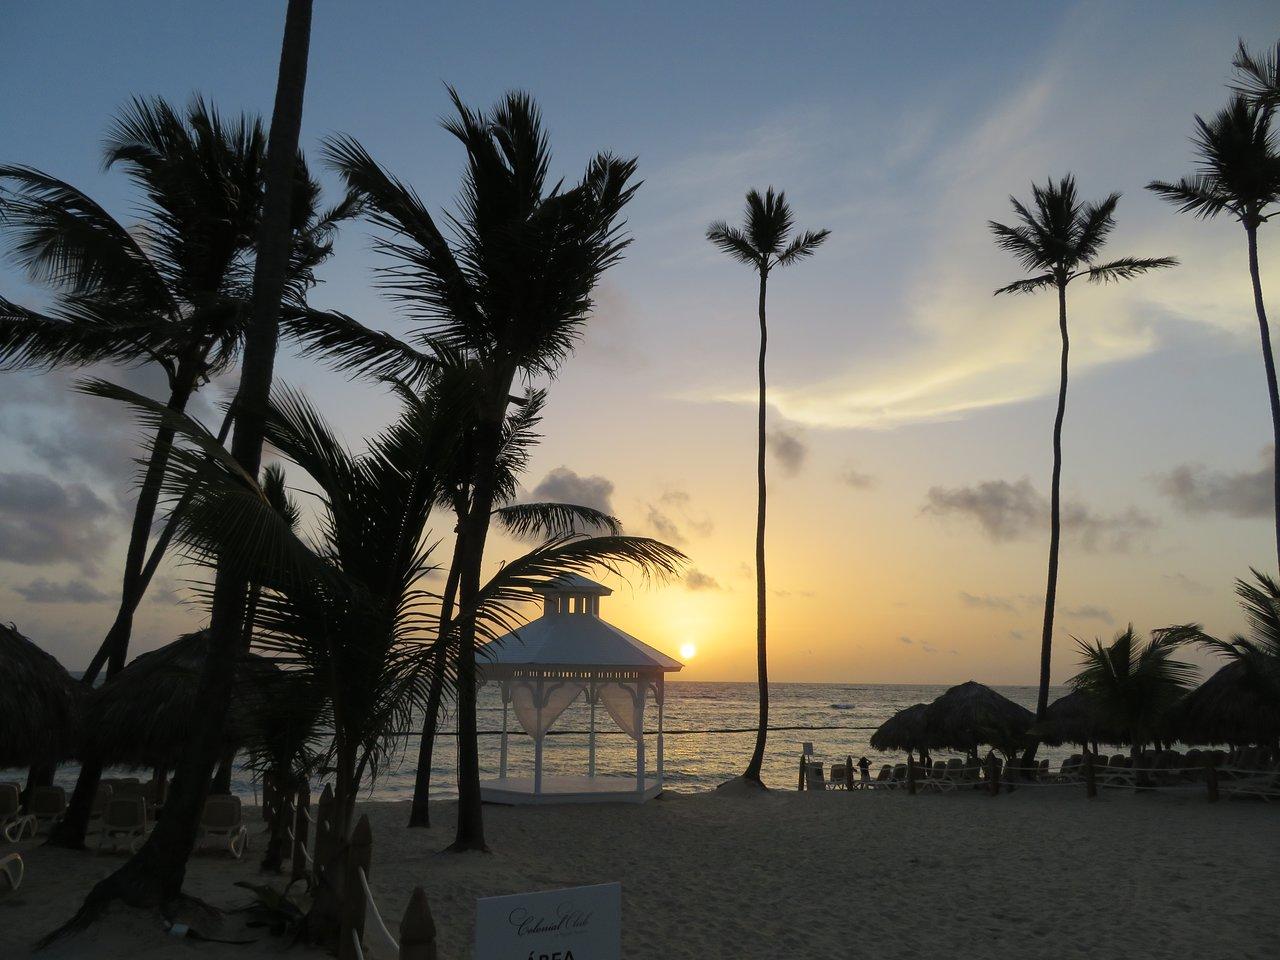 Δομινικανή Δημοκρατία ραντεβού ιστοσελίδα